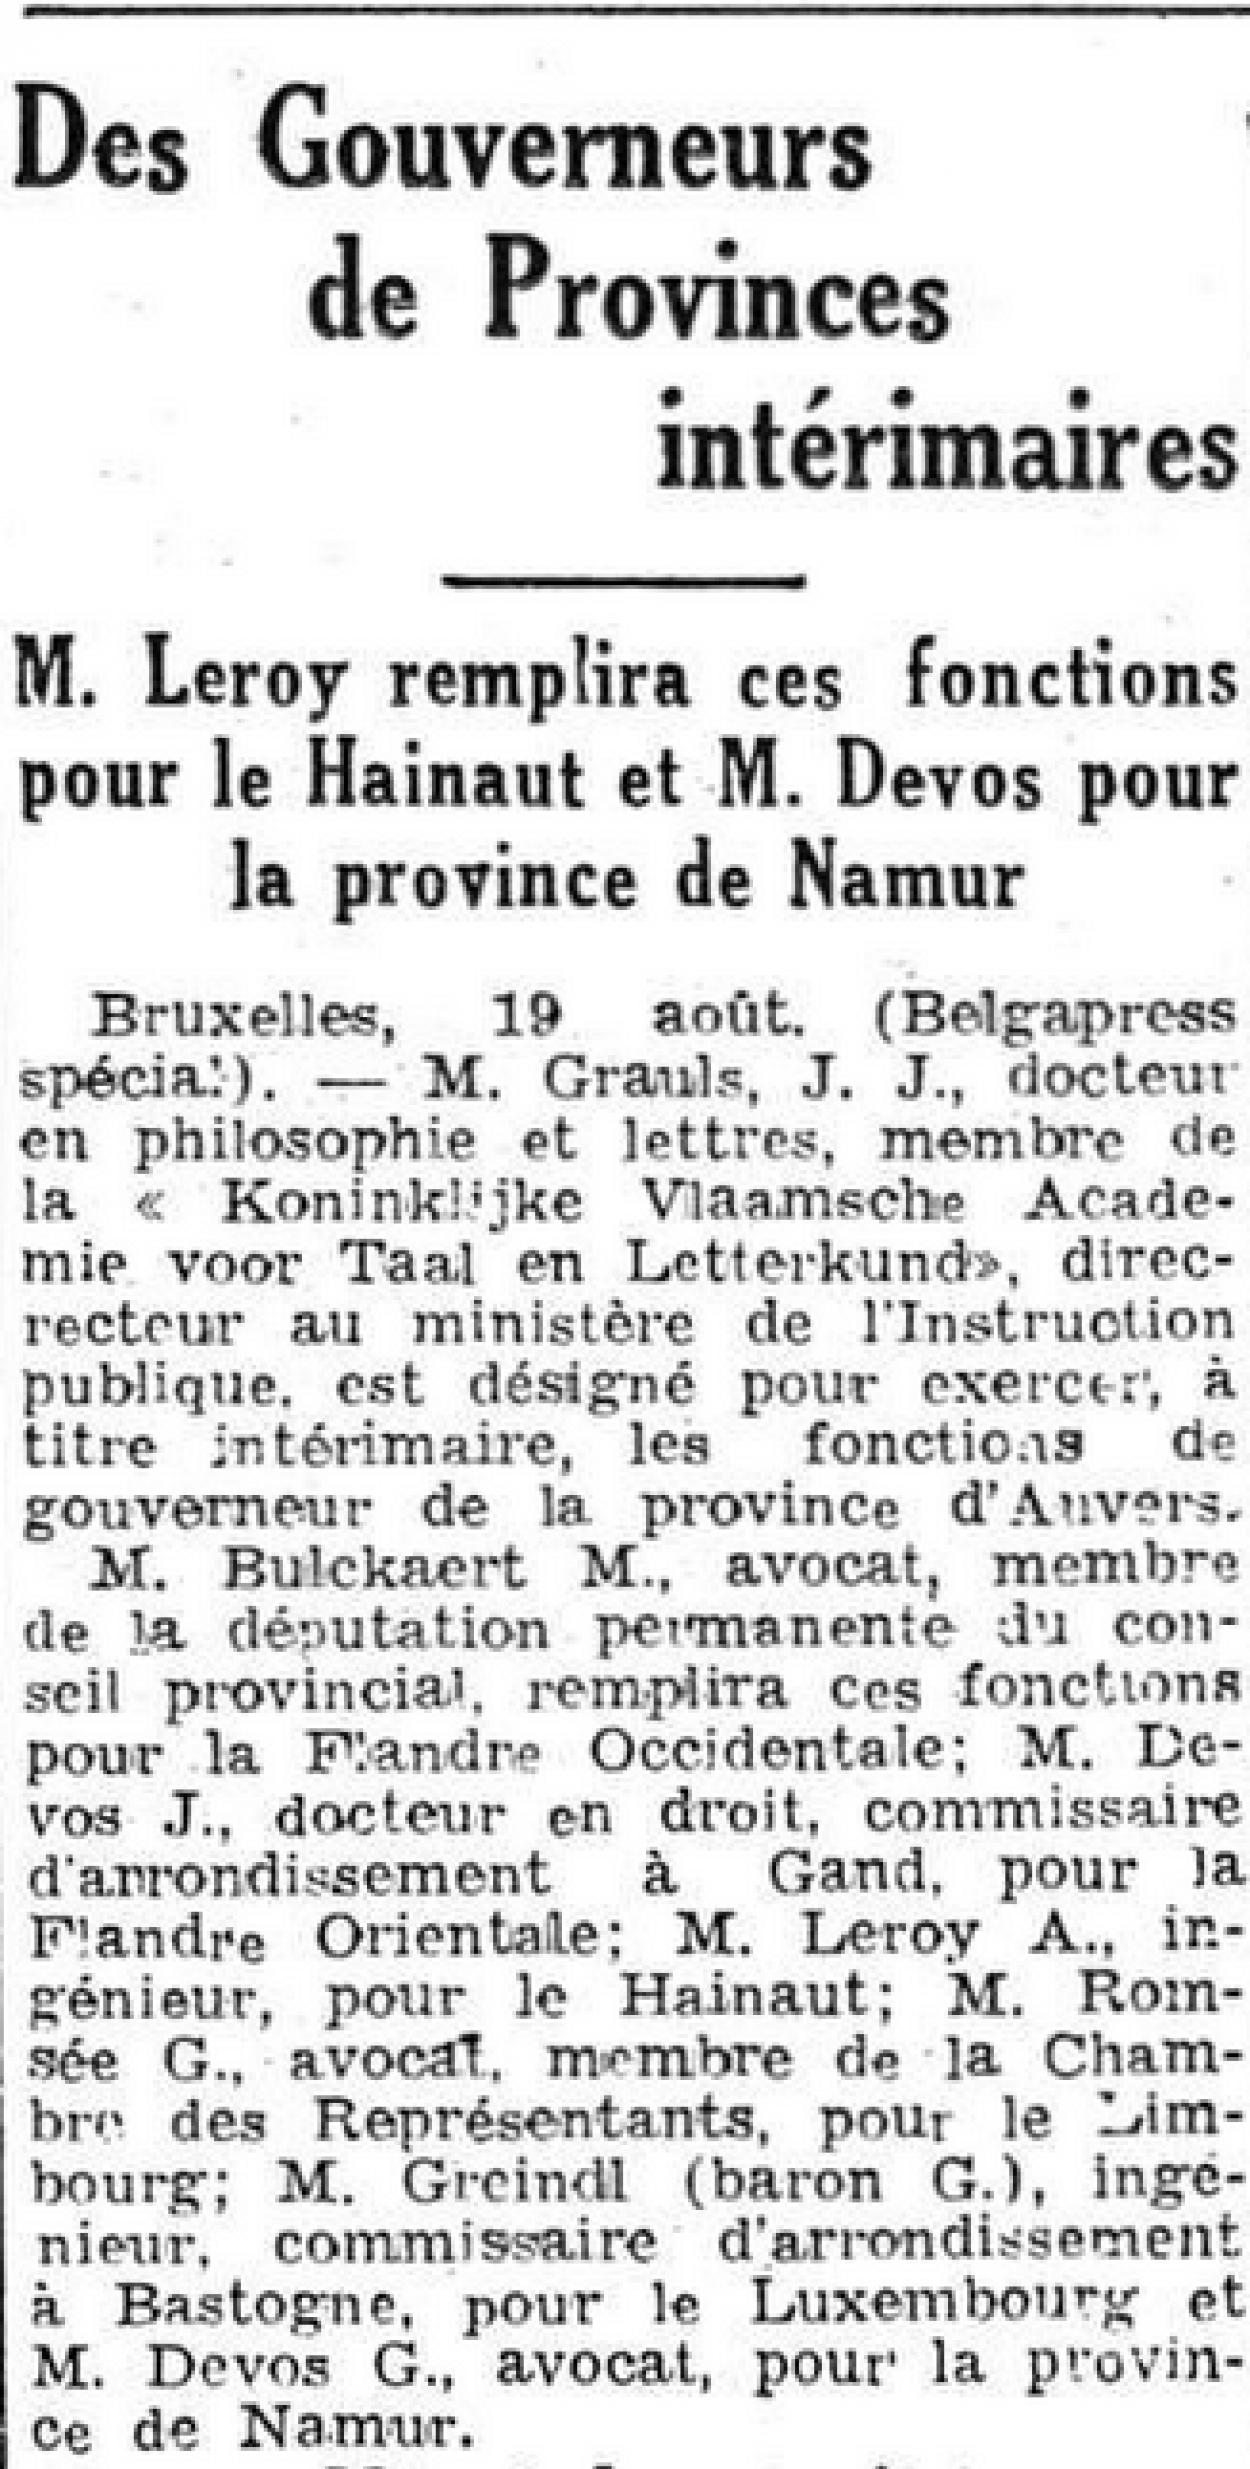 prov-de-namur-21-8-1940-p-4.png